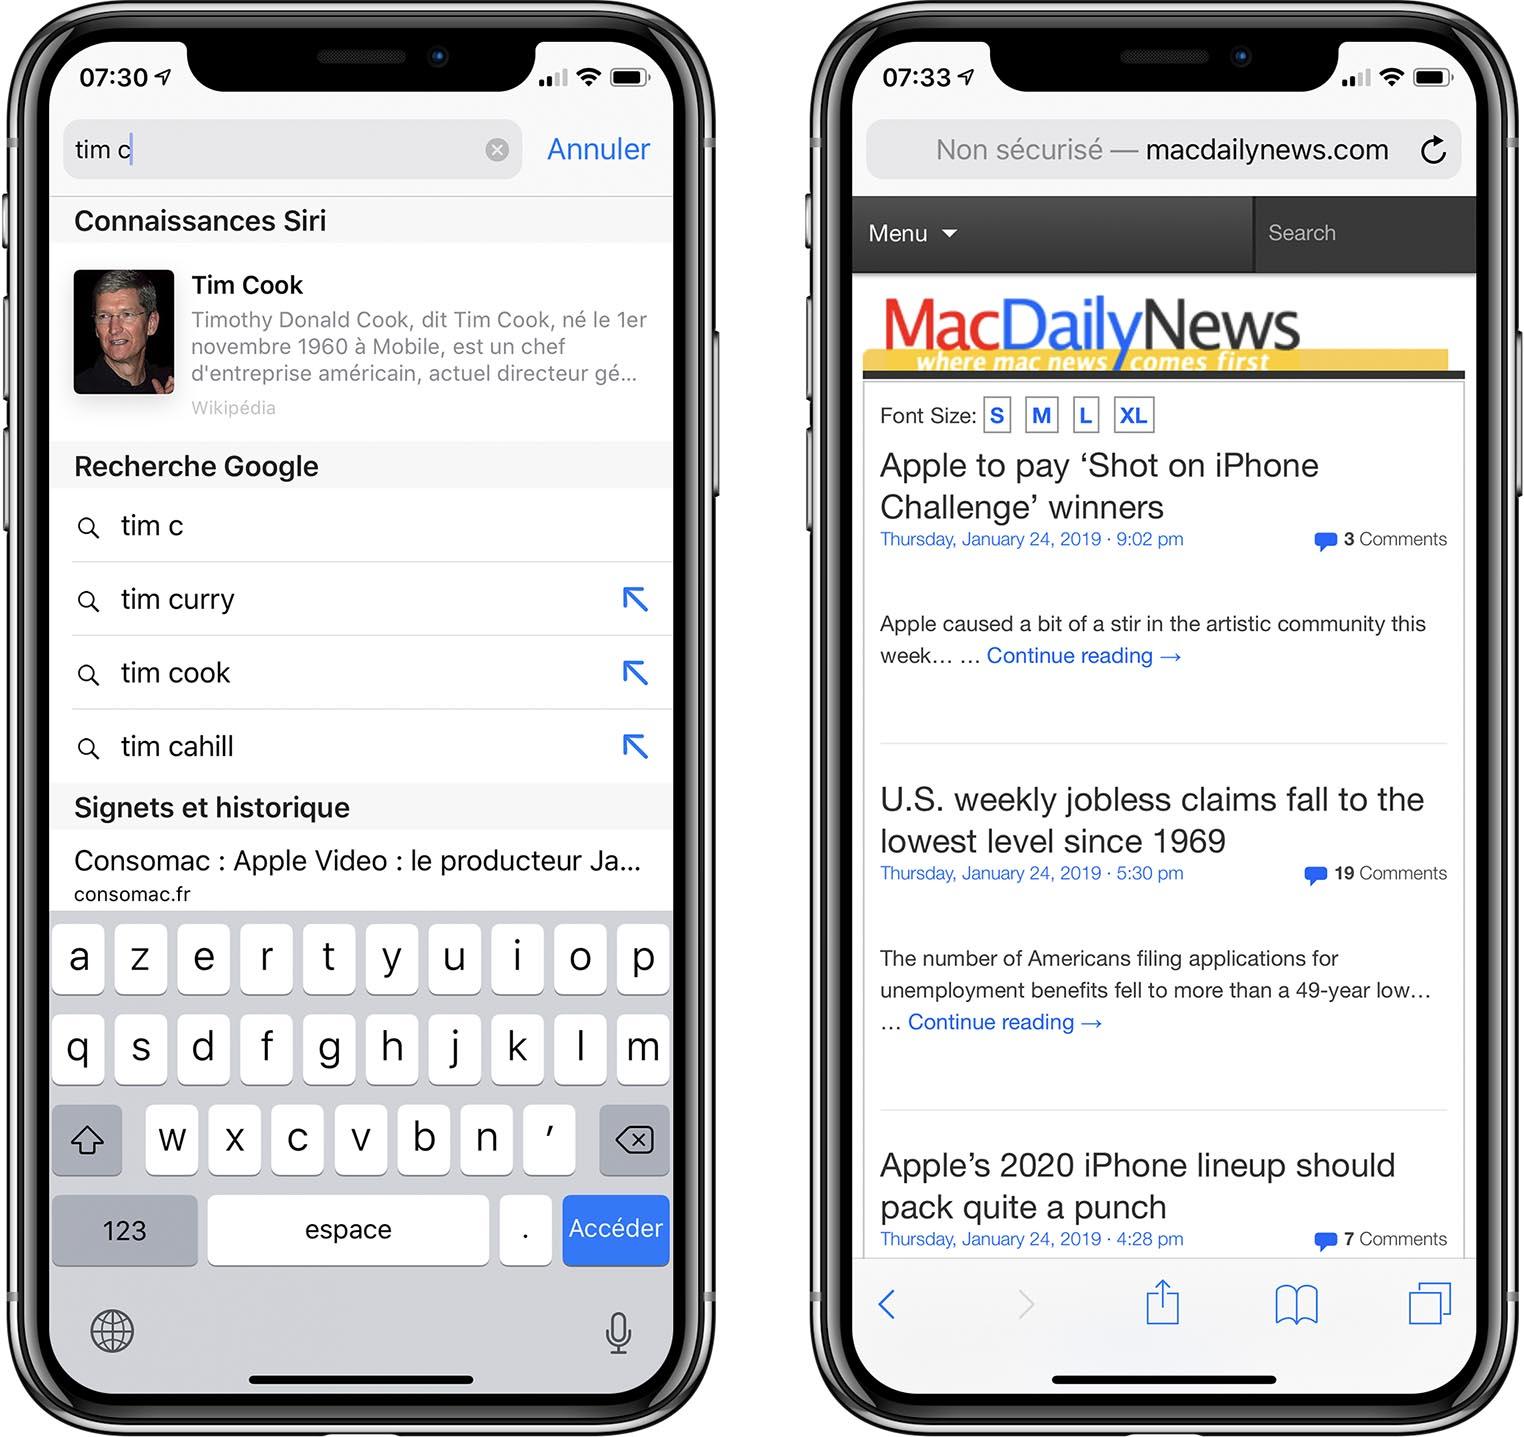 iOS 12.2 Safari